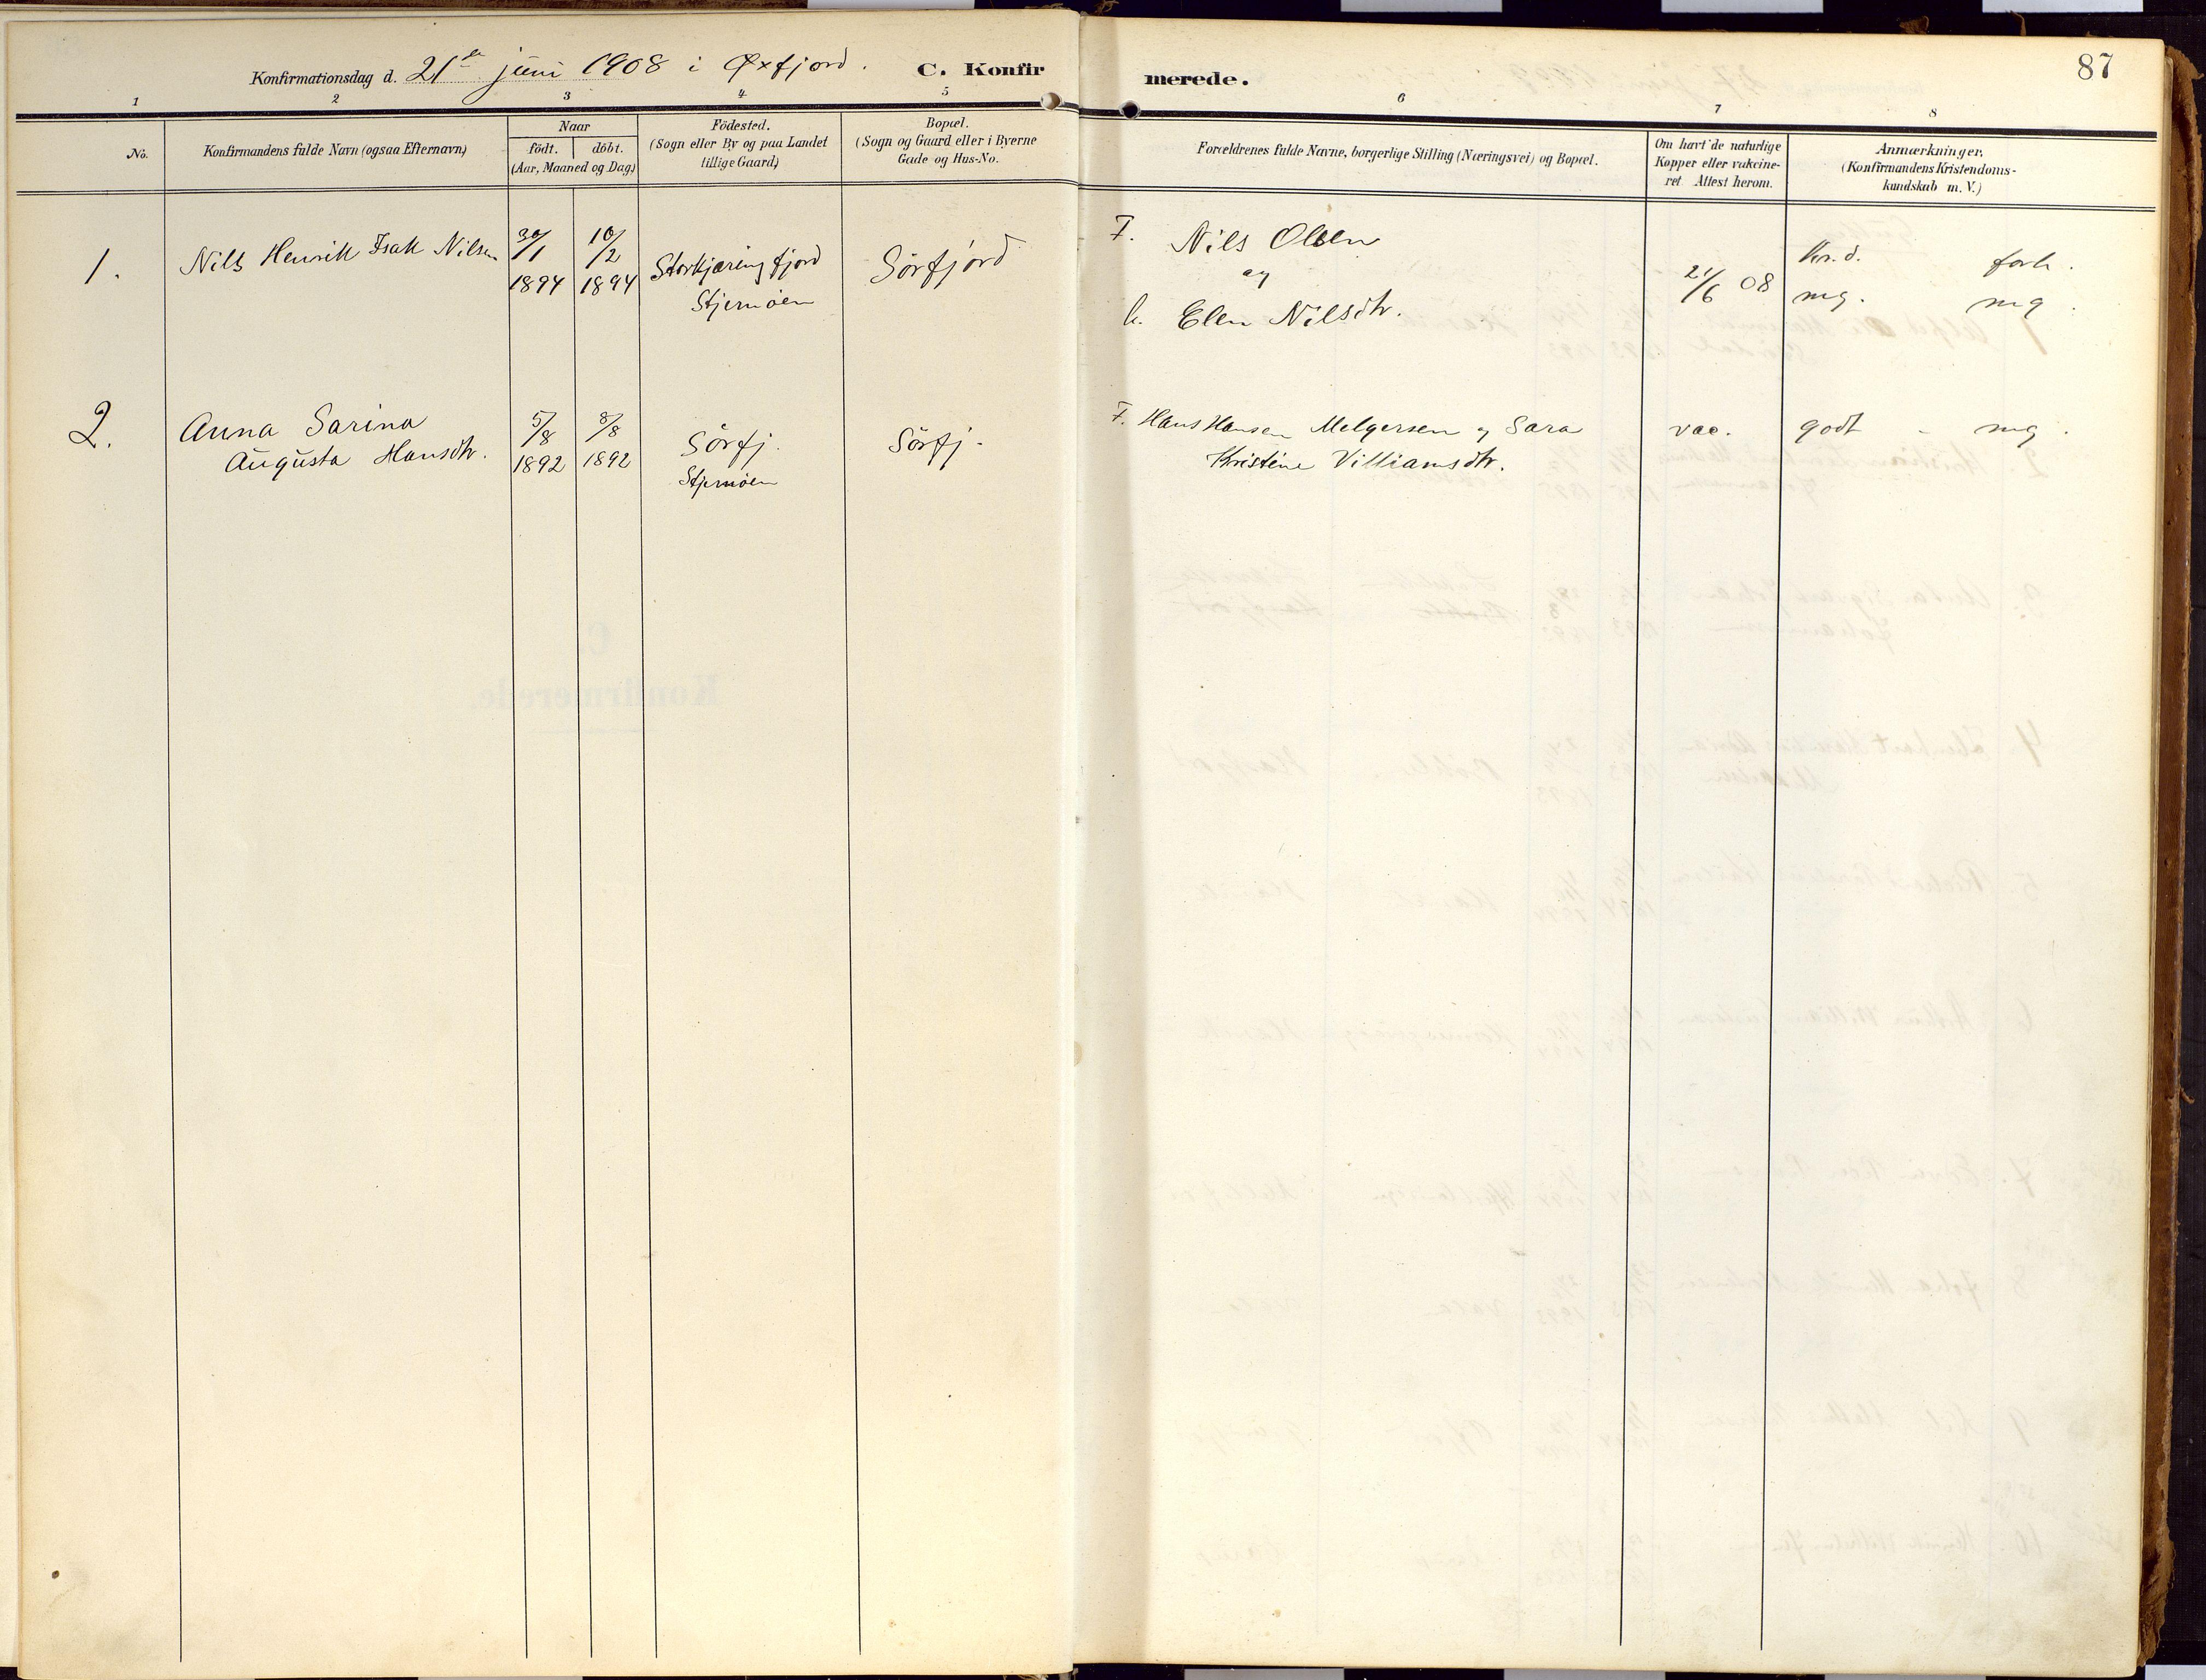 SATØ, Loppa sokneprestkontor, H/Ha/L0010kirke: Ministerialbok nr. 10, 1907-1922, s. 87